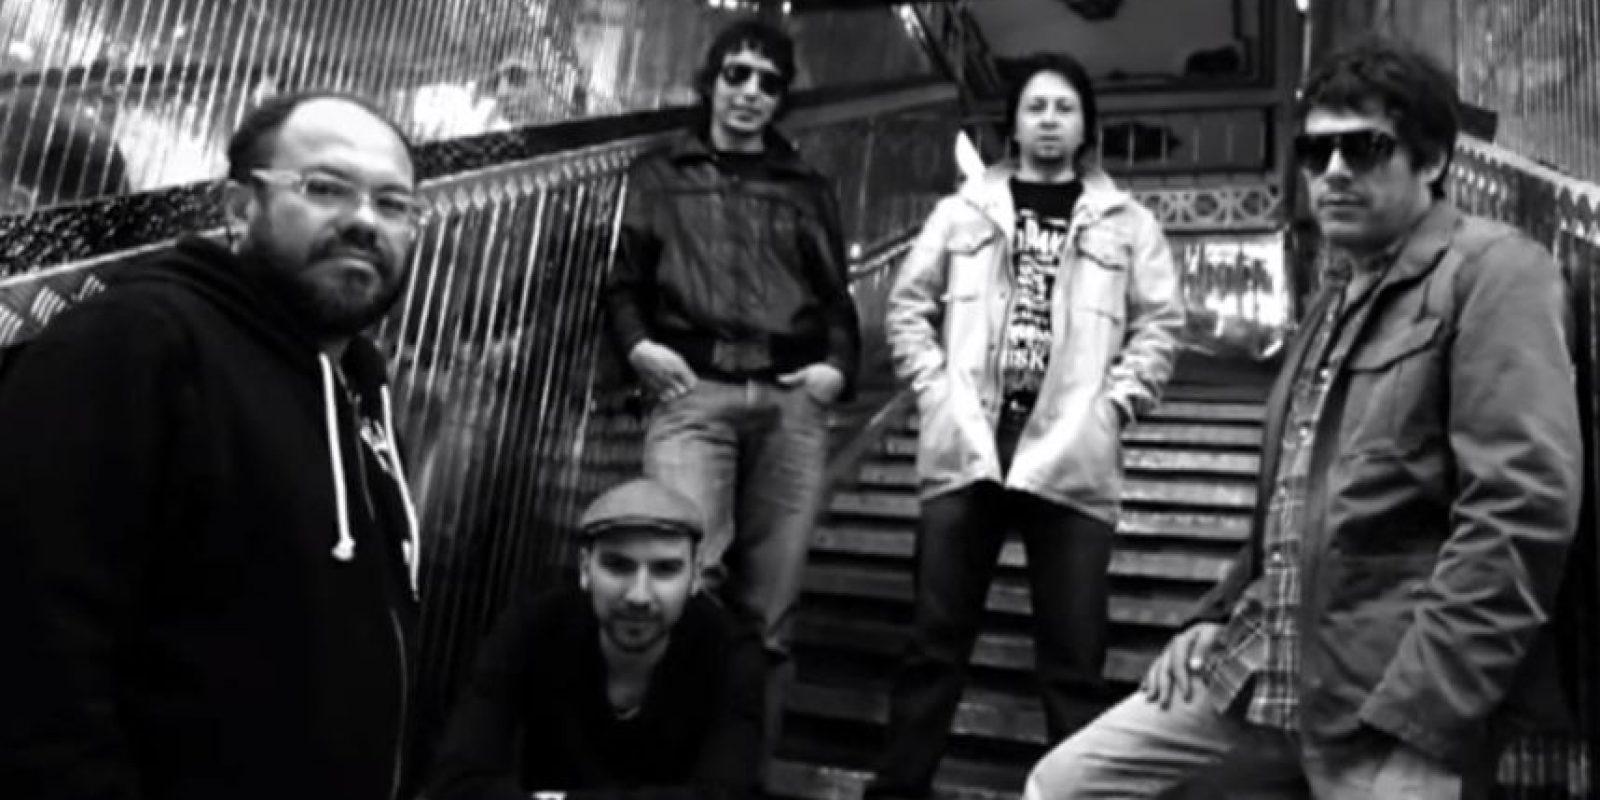 La Derecha: No en vano Mario Duarte es uno de los fundadores de Rock al Parque y, por supuesto, la banda encabezó el cartel de la primera edición del festival. Luego de dejarnos clásicos como 'Ay, qué dolor' y 'Sombras', y de un receso de 12 años, regresó en 2010 . 'Emociones' y 'El puñal' hacen parte de lo nuevo.Foto: Archivo